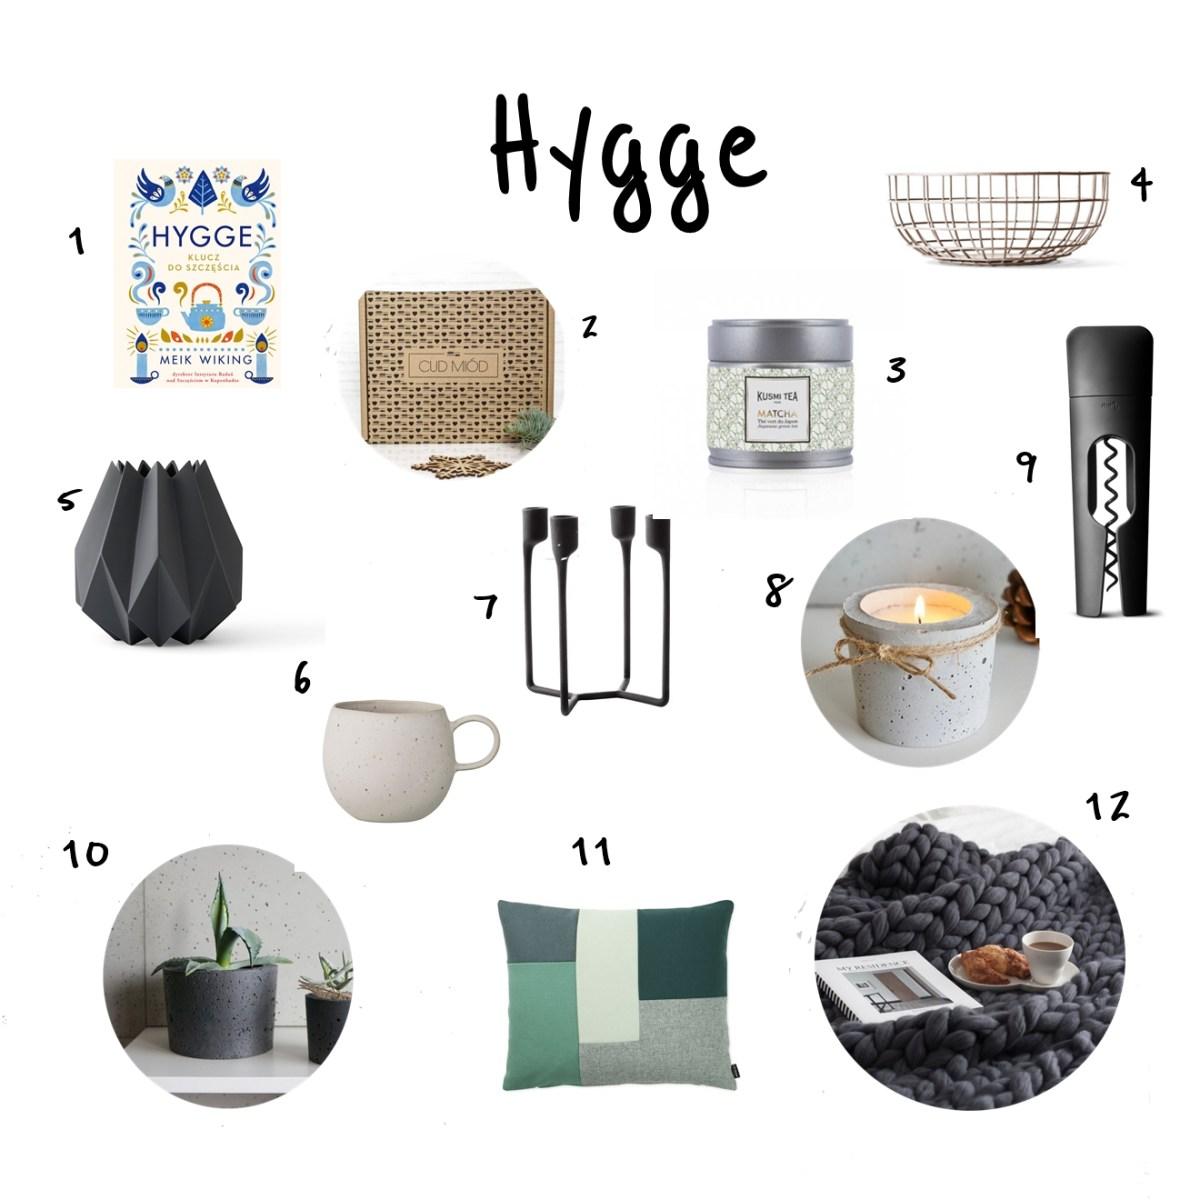 prezenty-hygge